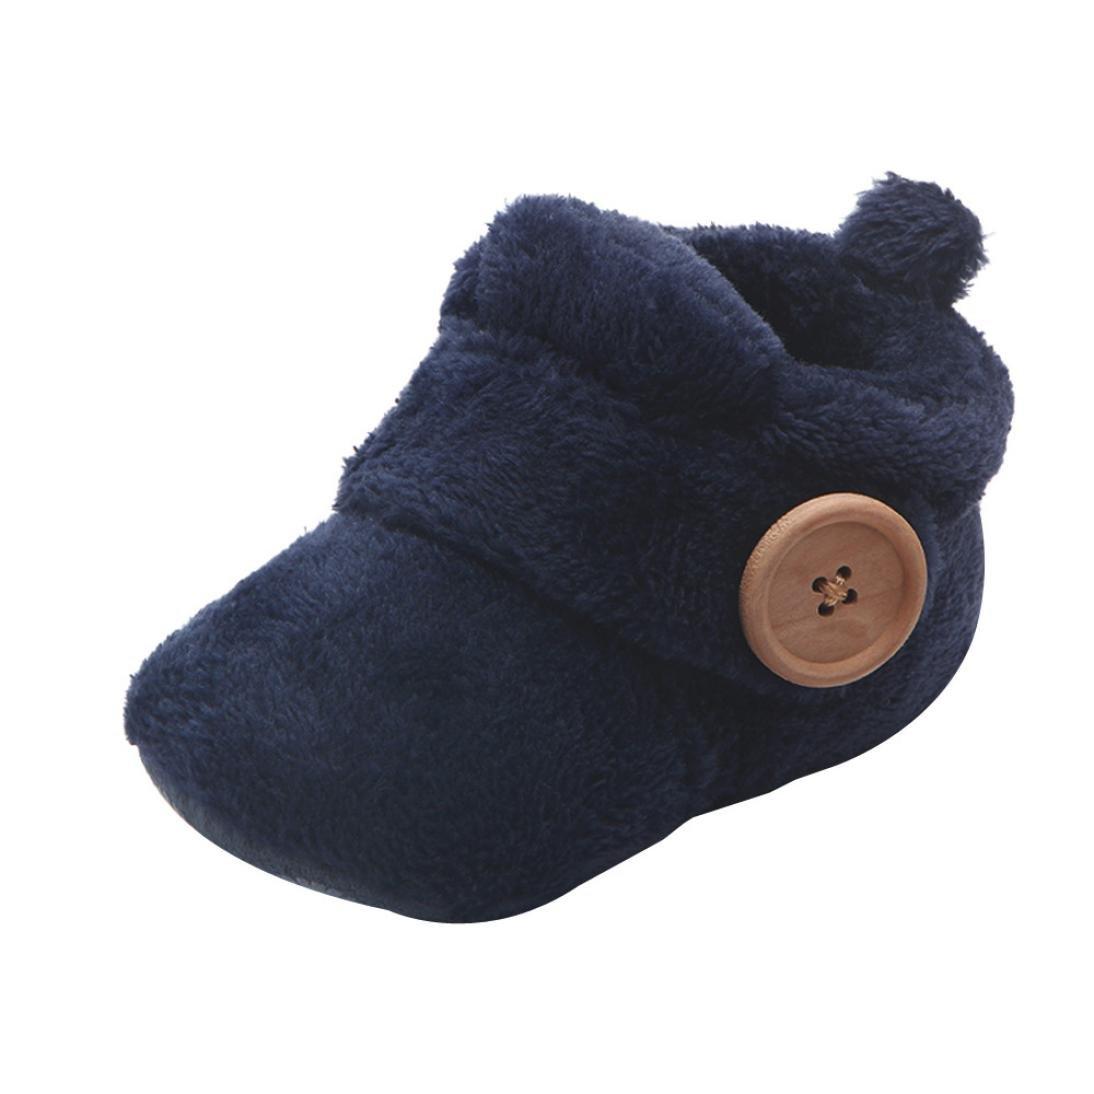 Amazon.com: XMWEALTHY Newborn Baby Wrap Swaddle Blanket